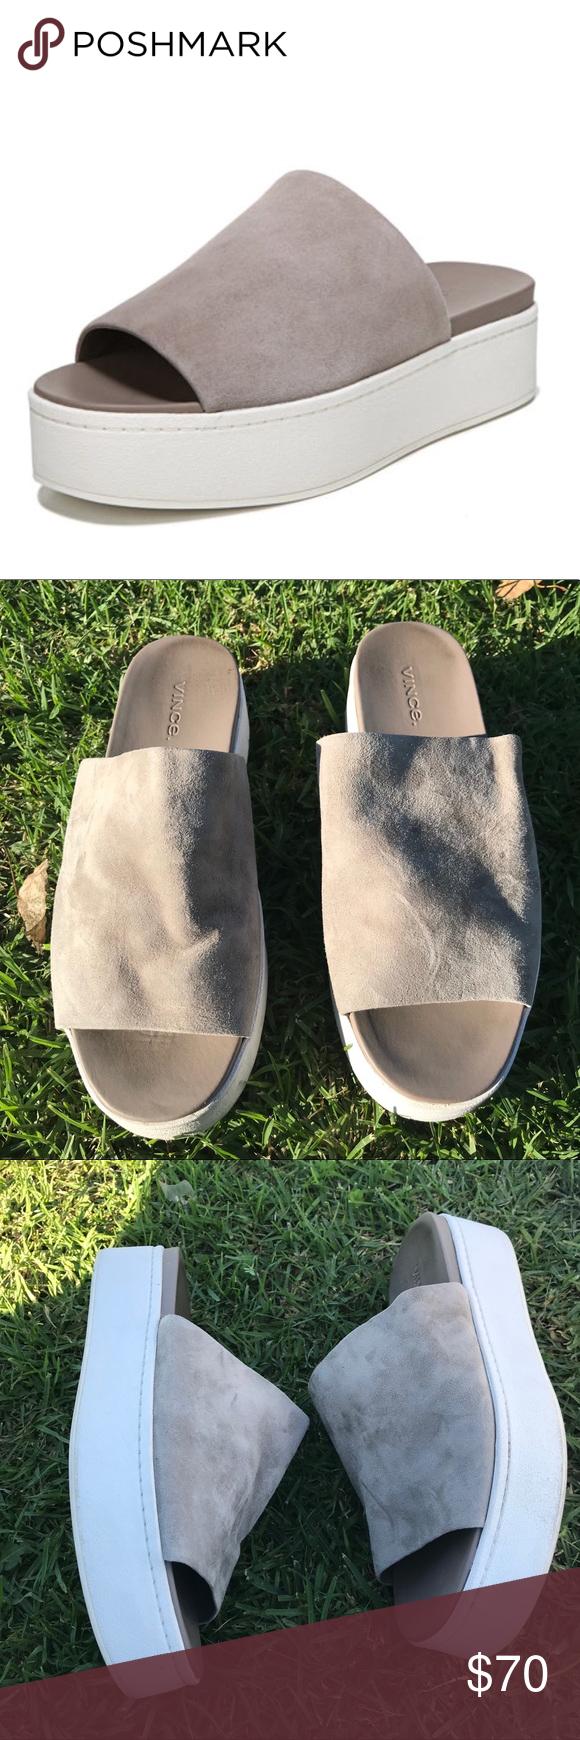 840b6467838 Vince Walford Flatform Suede Slide Sandal Vince suede and leather sandal.  1.5